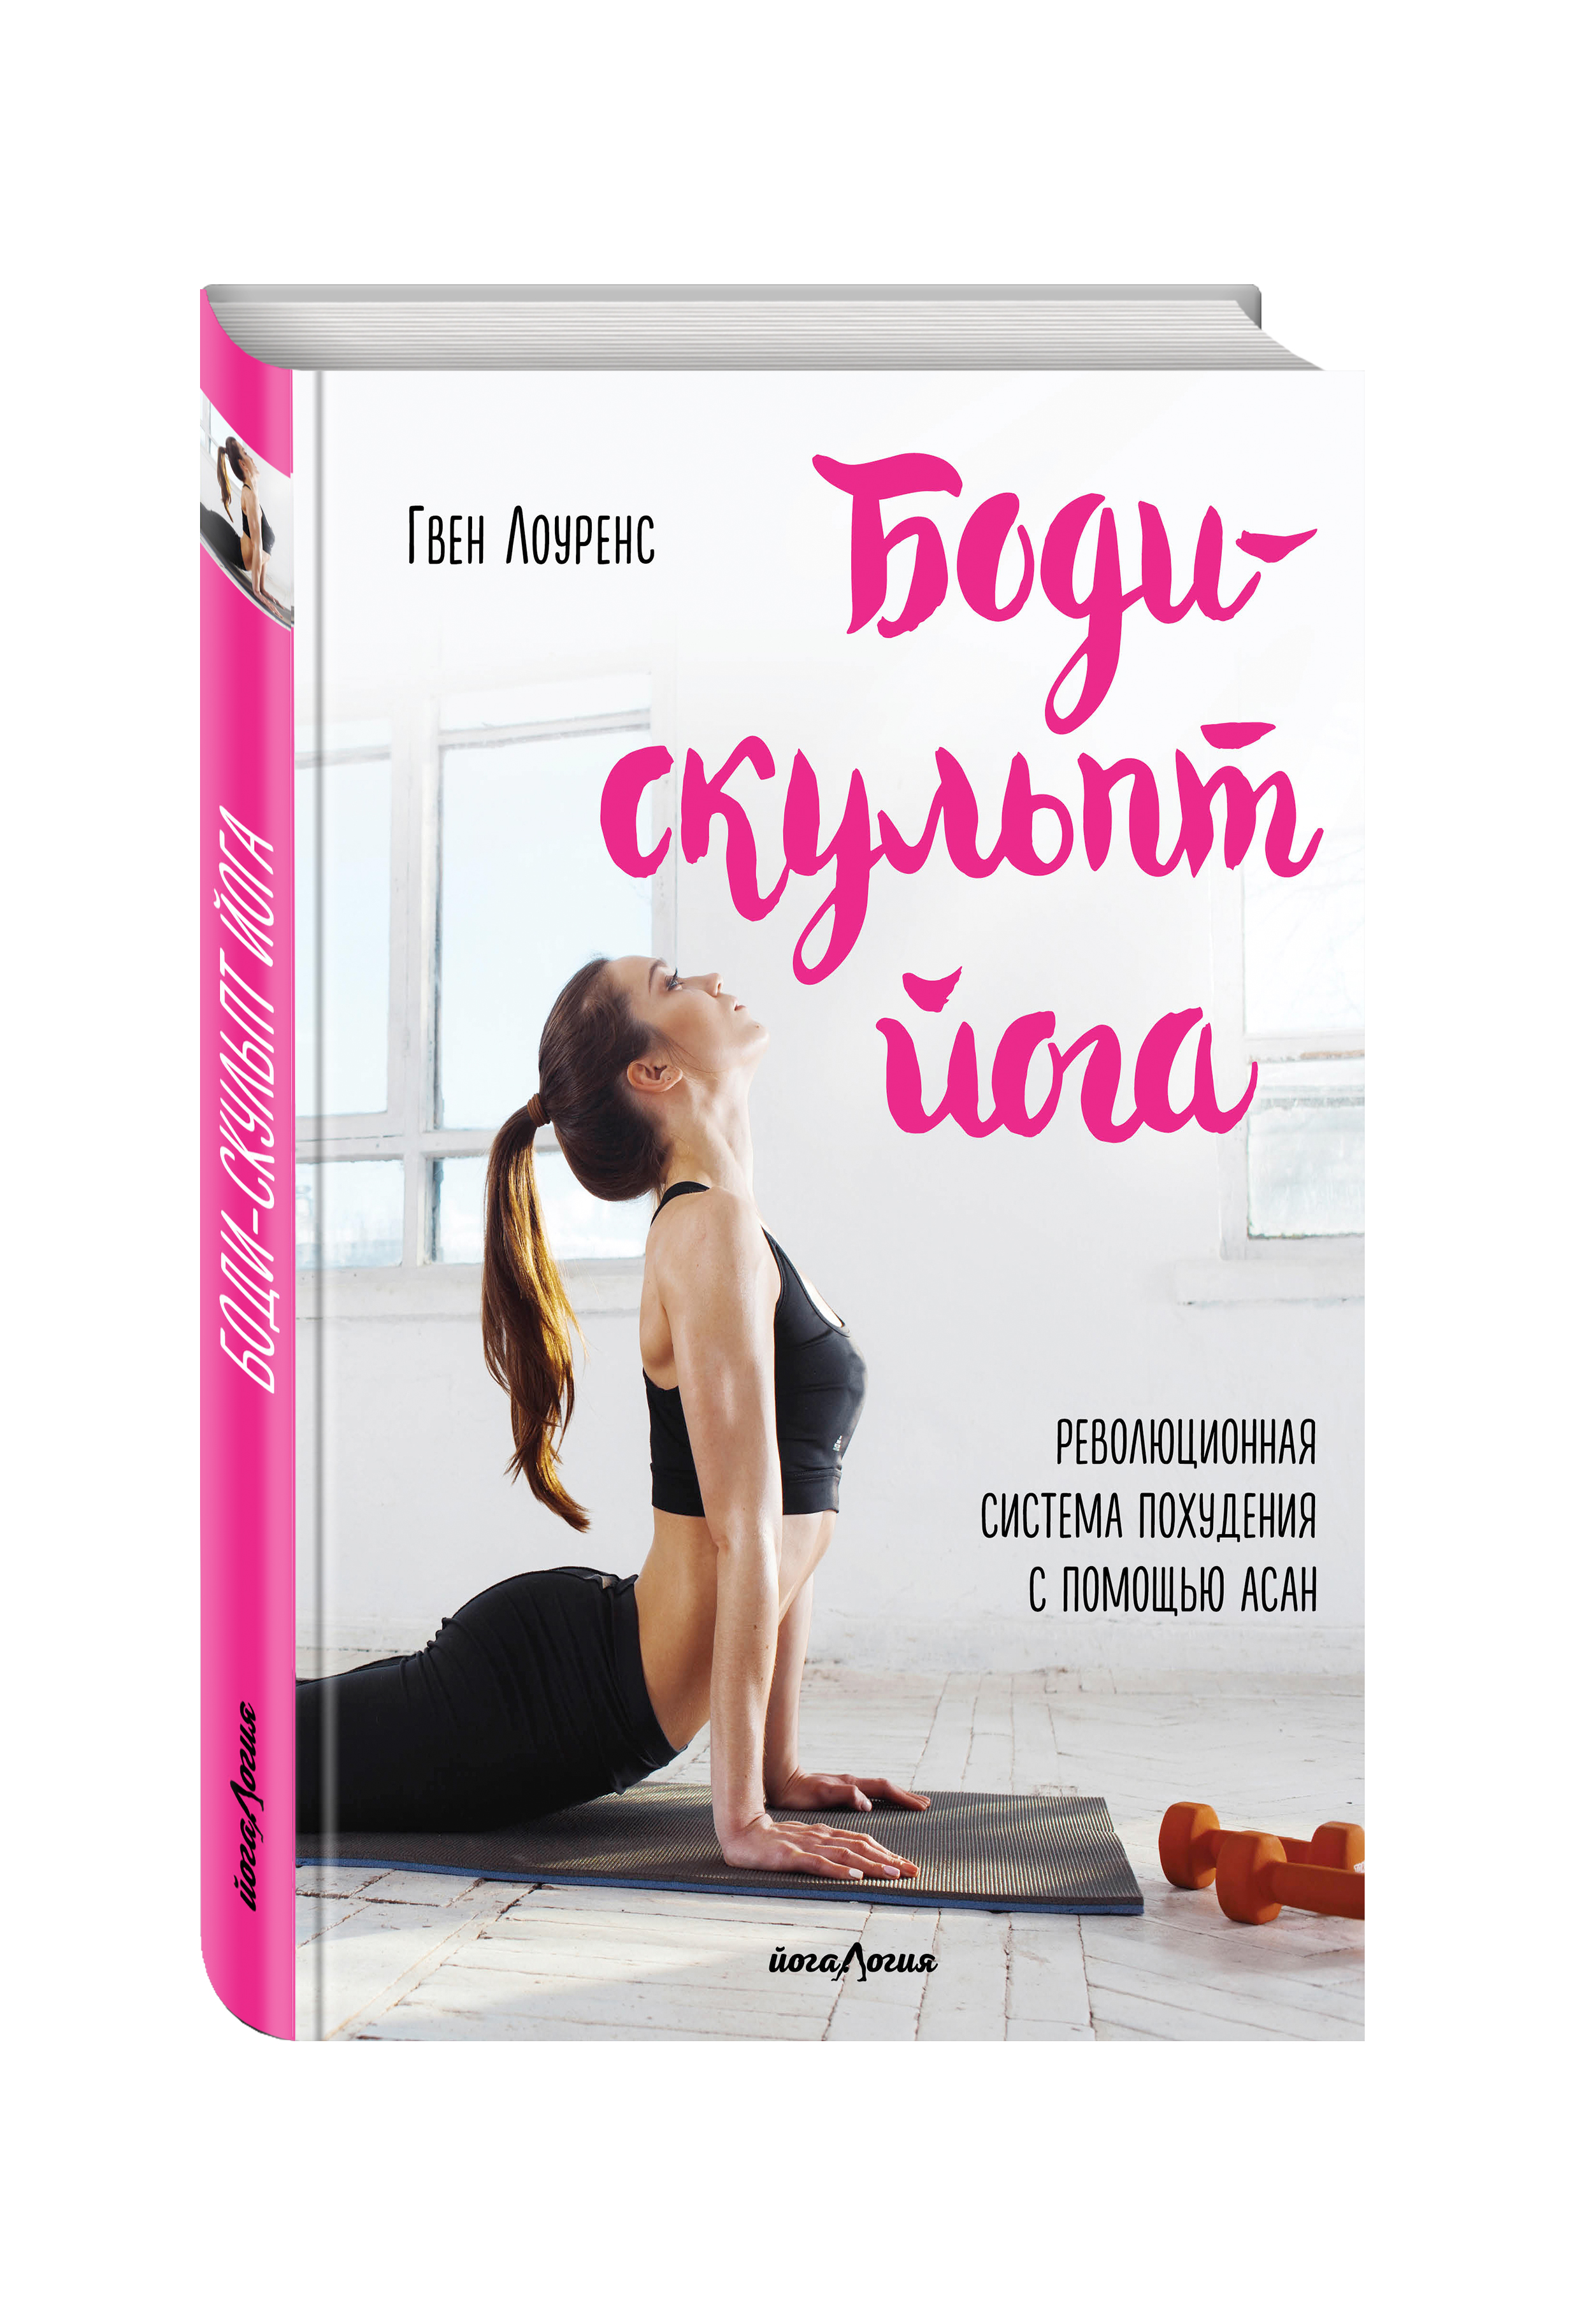 Боди-скульпт йога. Революционная методика